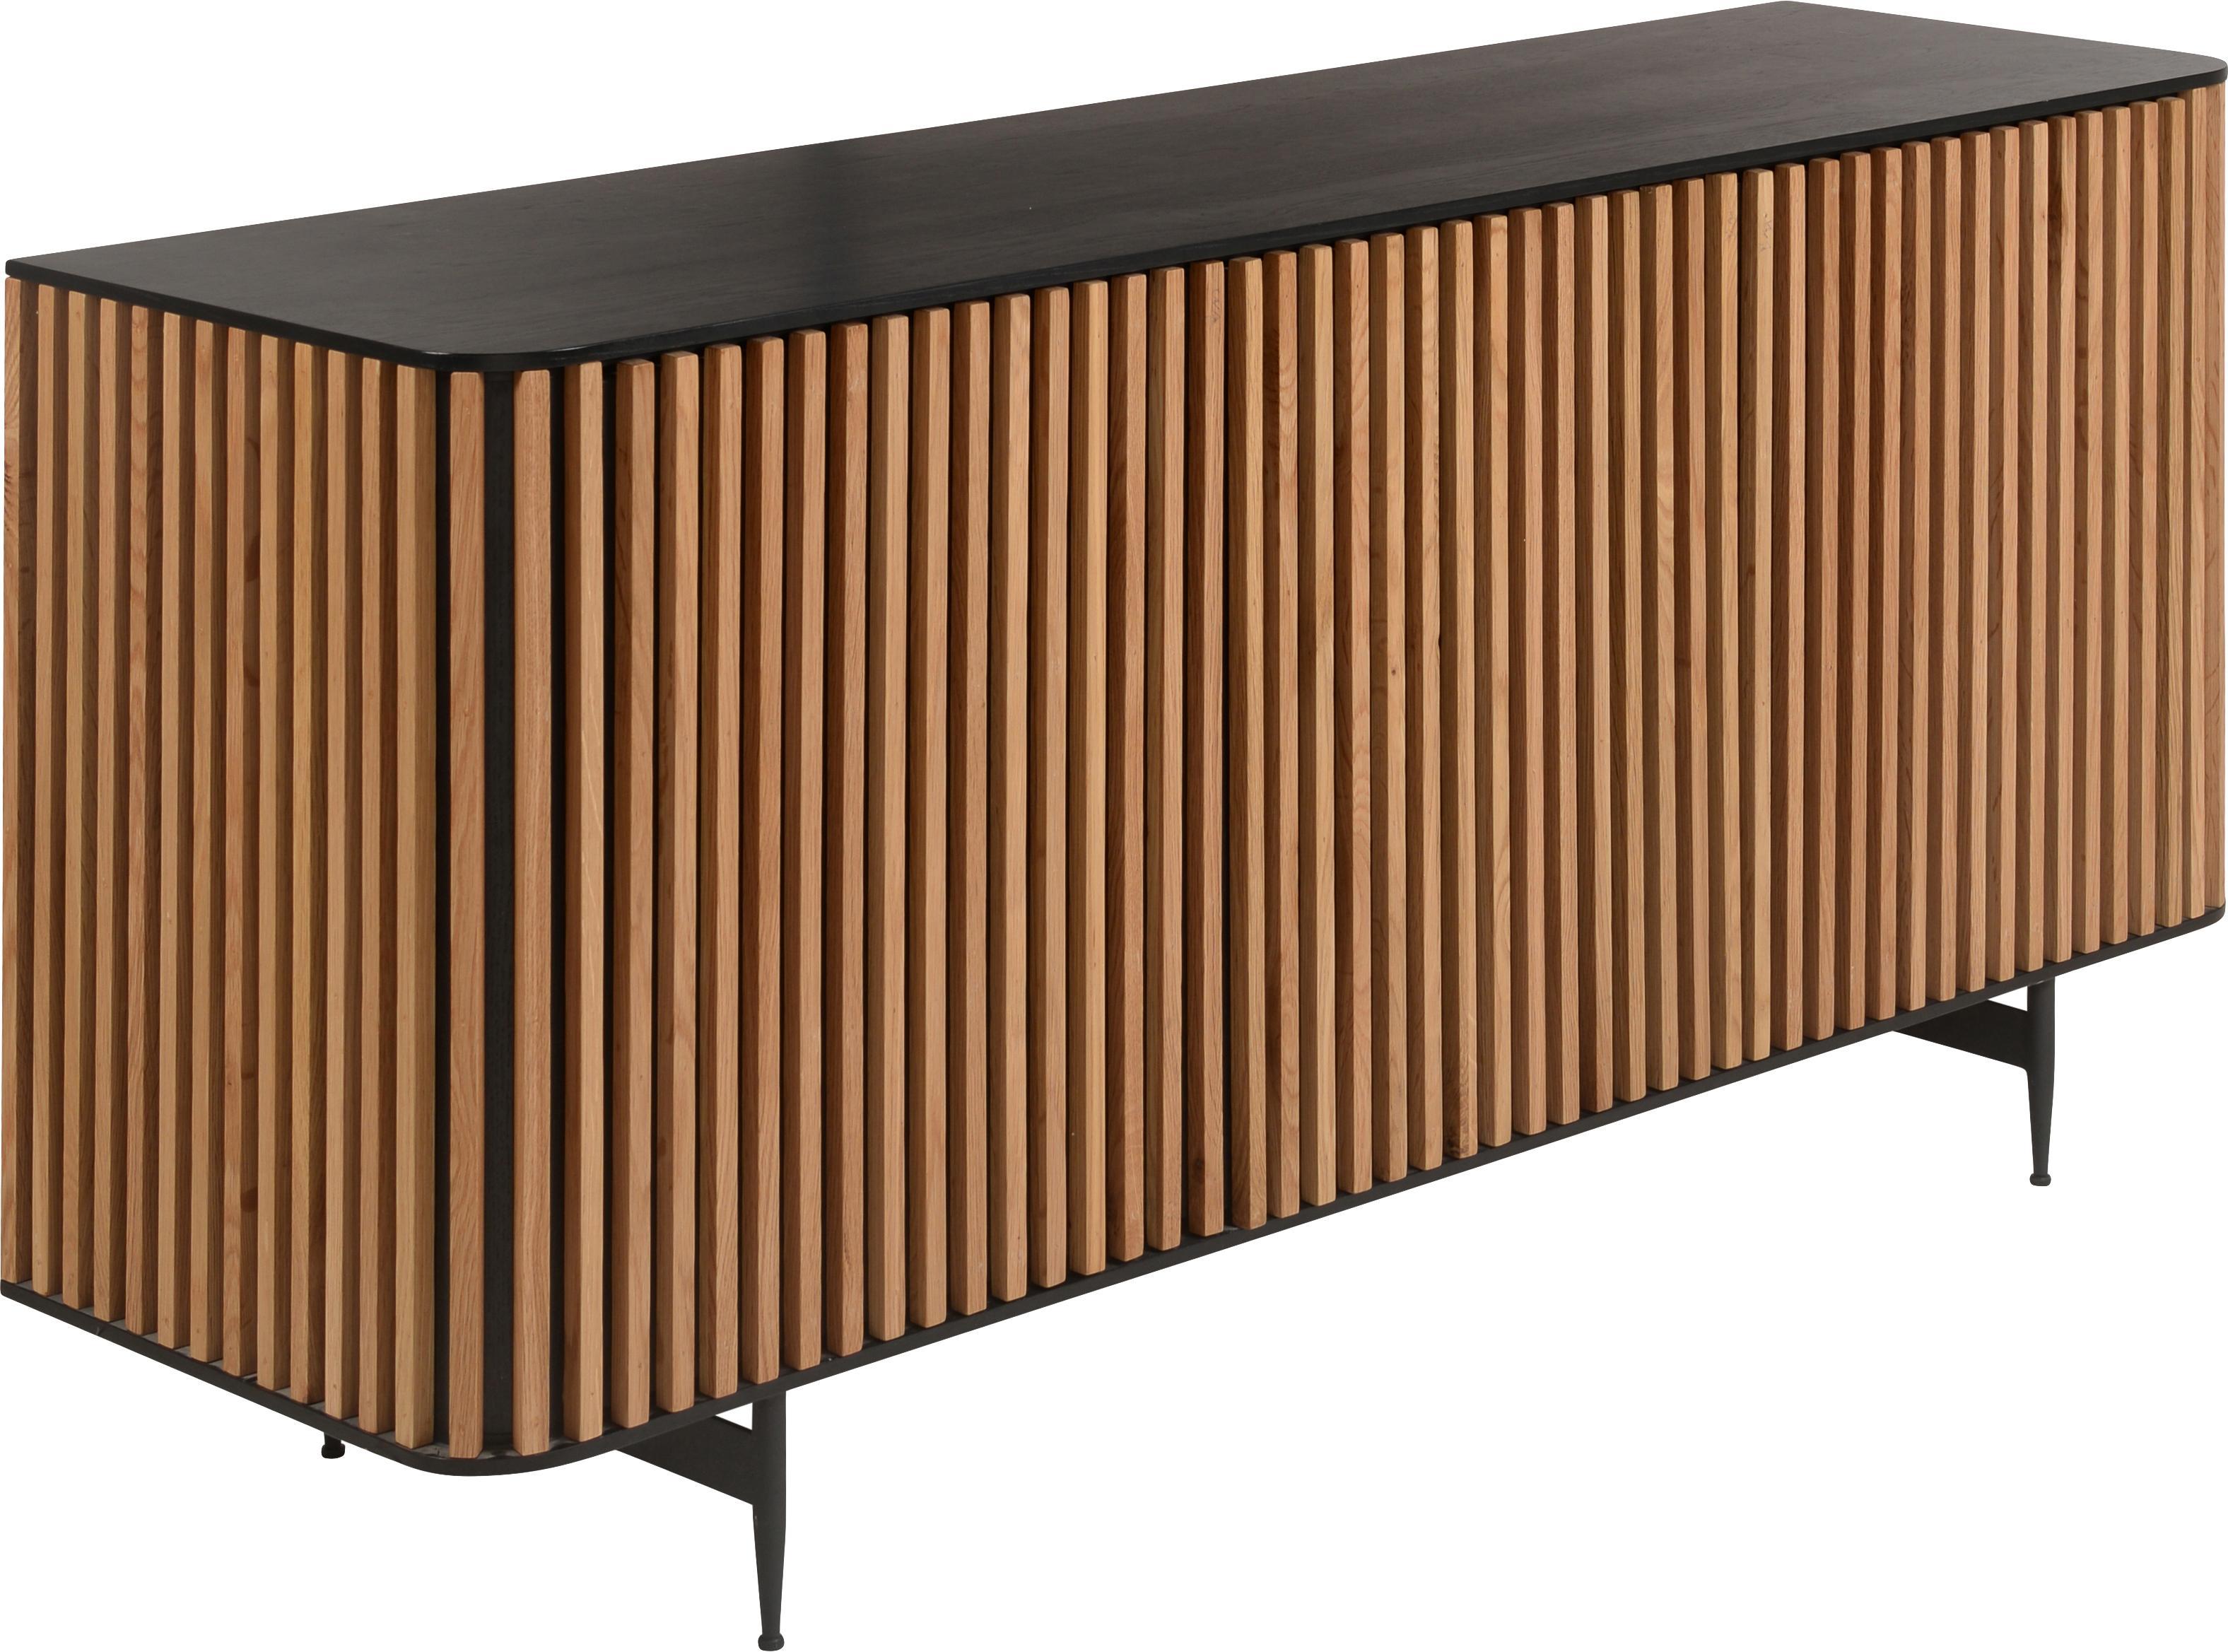 Komoda Linea, Korpus: płyta pilśniowa (MDF) z f, Nogi: metal lakierowany, Czarny, drewno dębowe, S 159 x W 74 cm